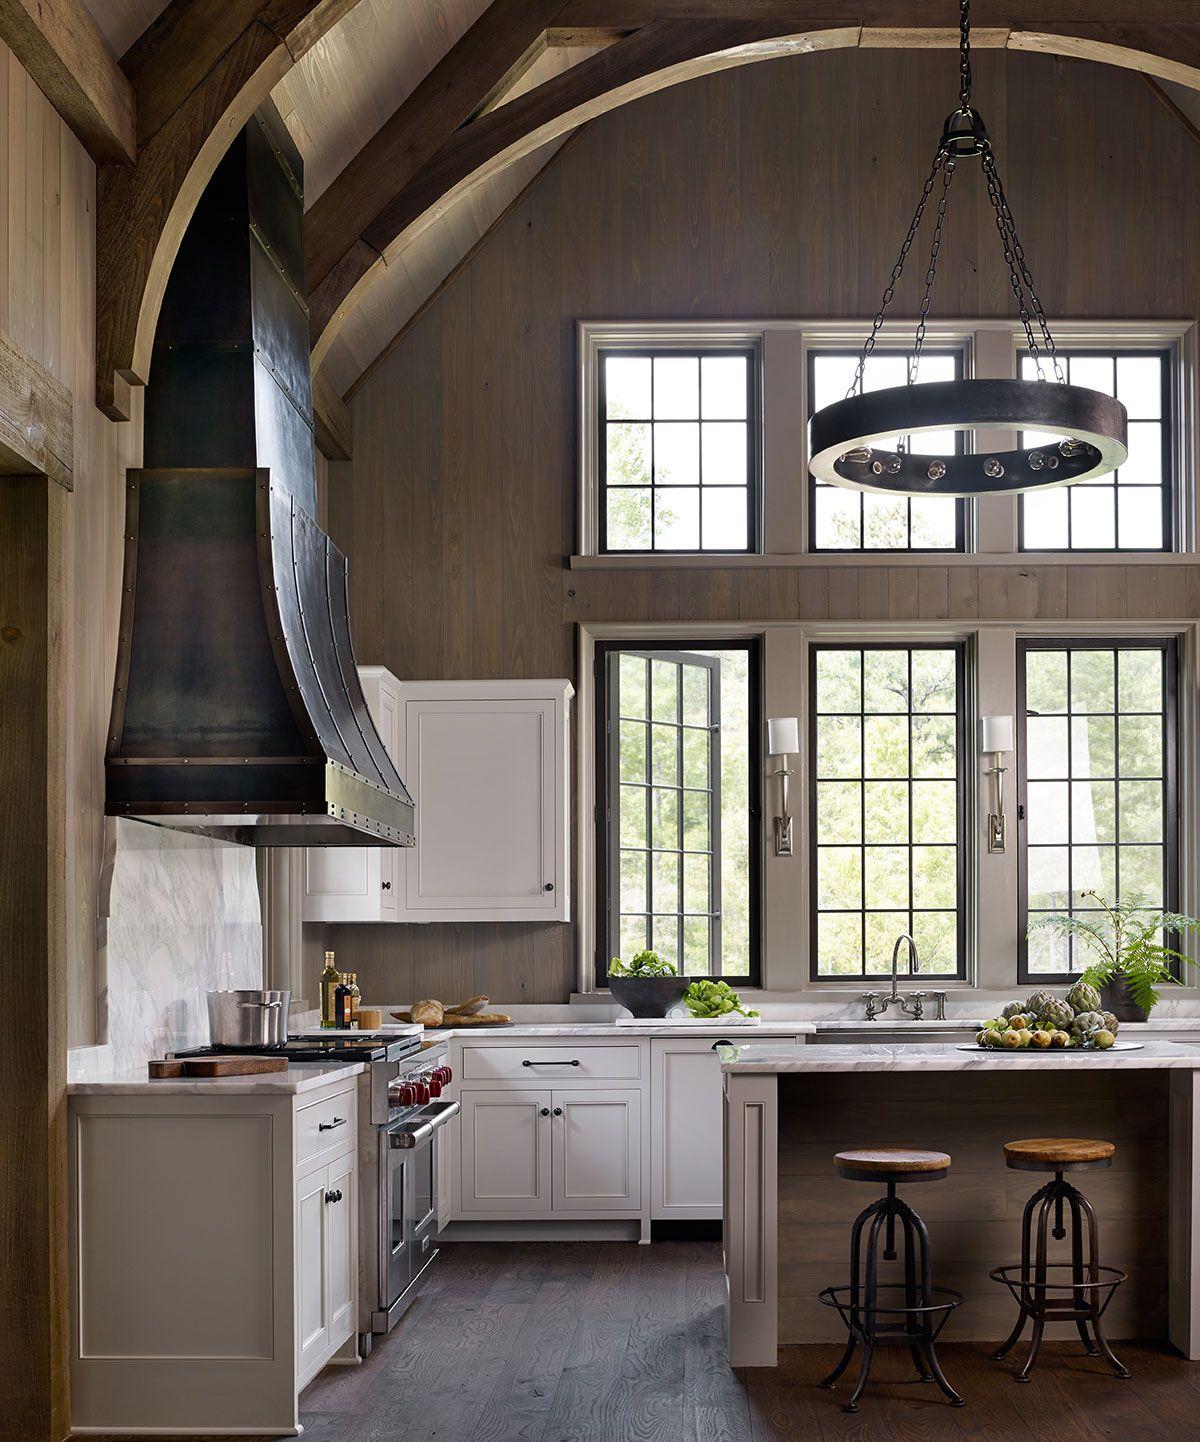 Luxury farmhouse kitchen design | Luxury Home Architect ... on Luxury Farmhouse Kitchen  id=51998